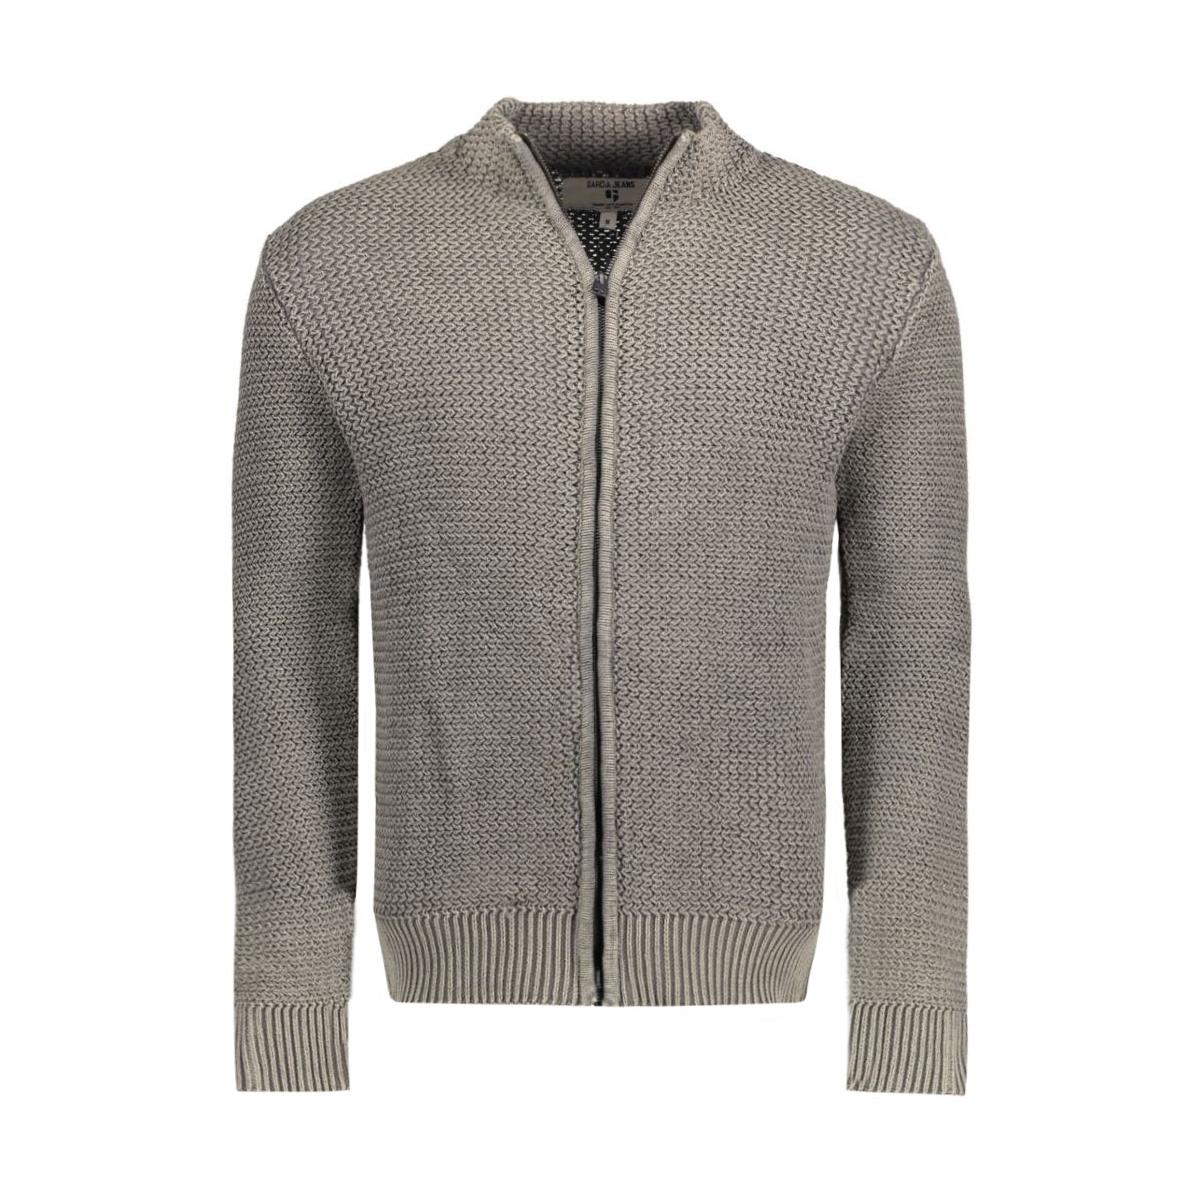 v61248 garcia vest 1856 grey khaki